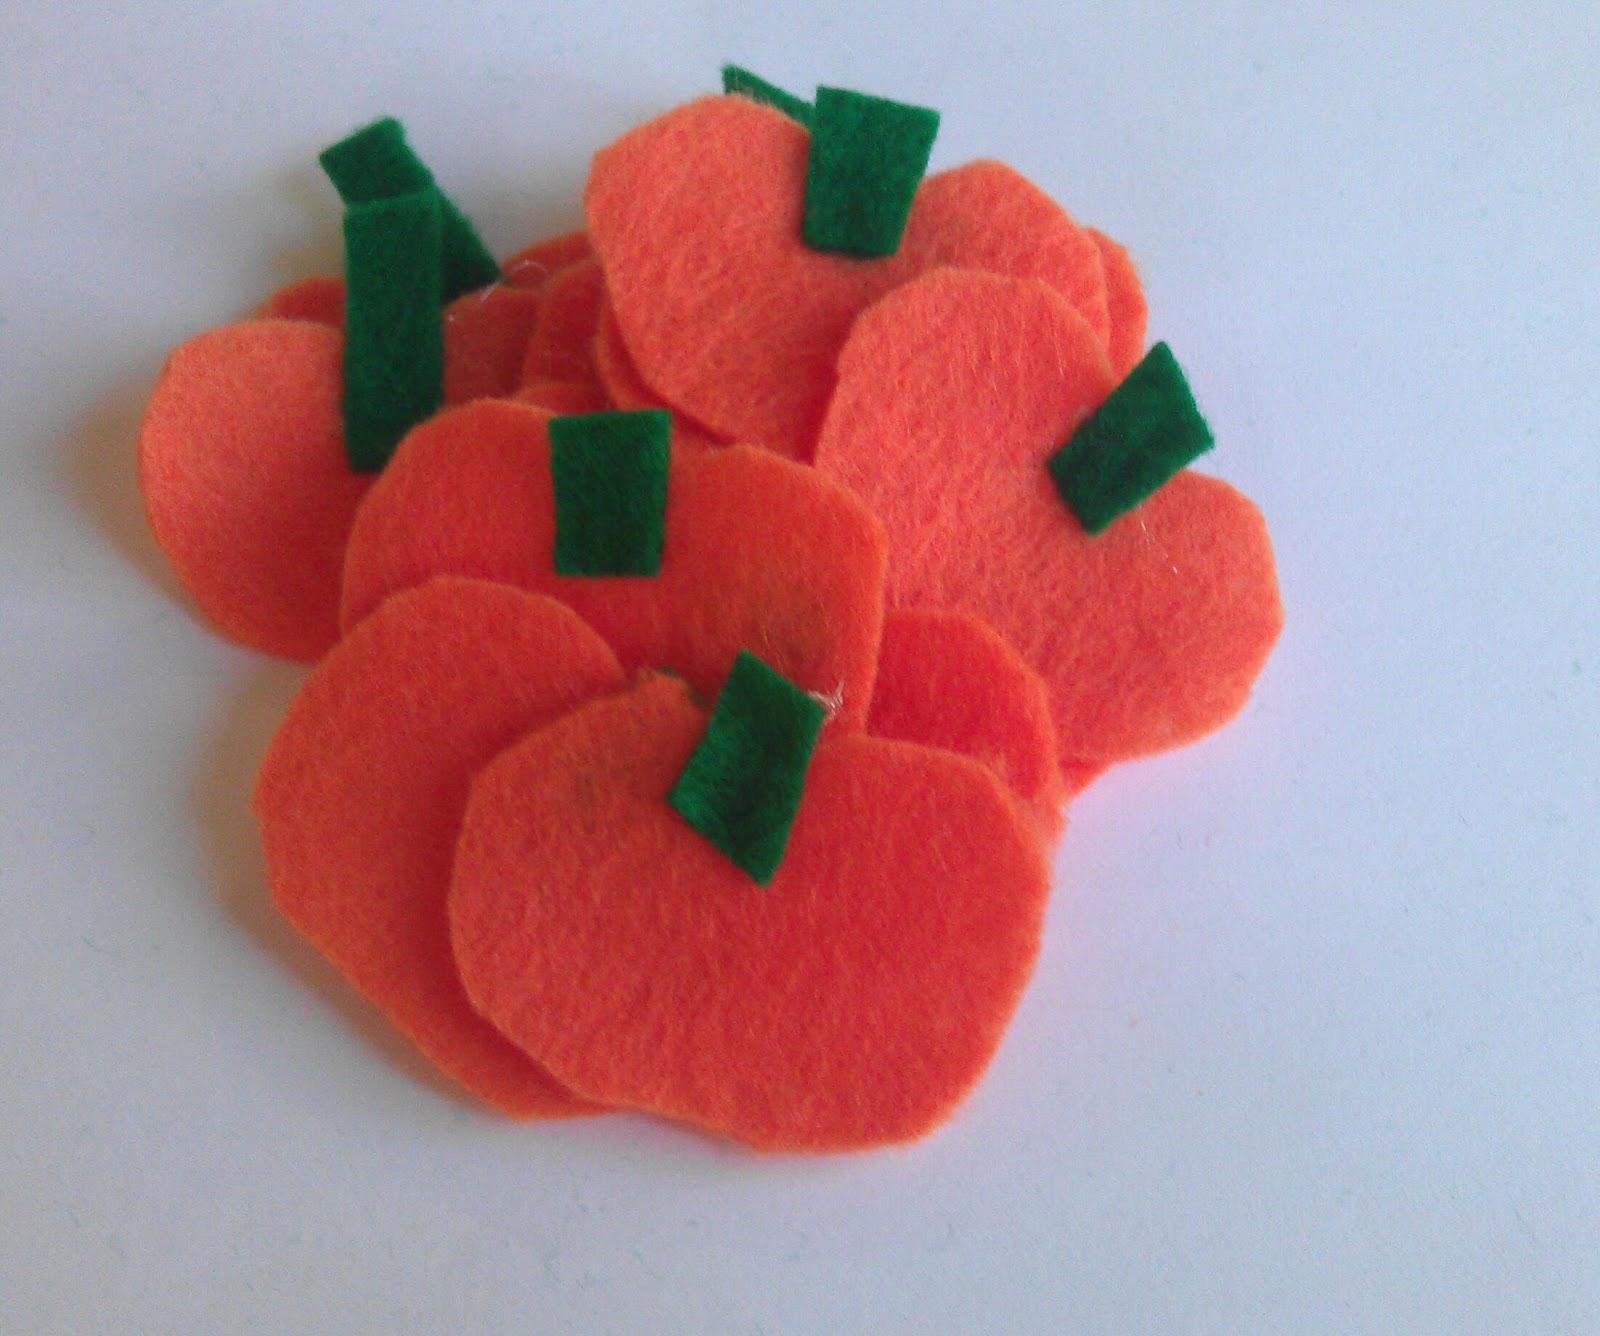 5 Little Pumpkins Felt Finger Puppets Tutorial